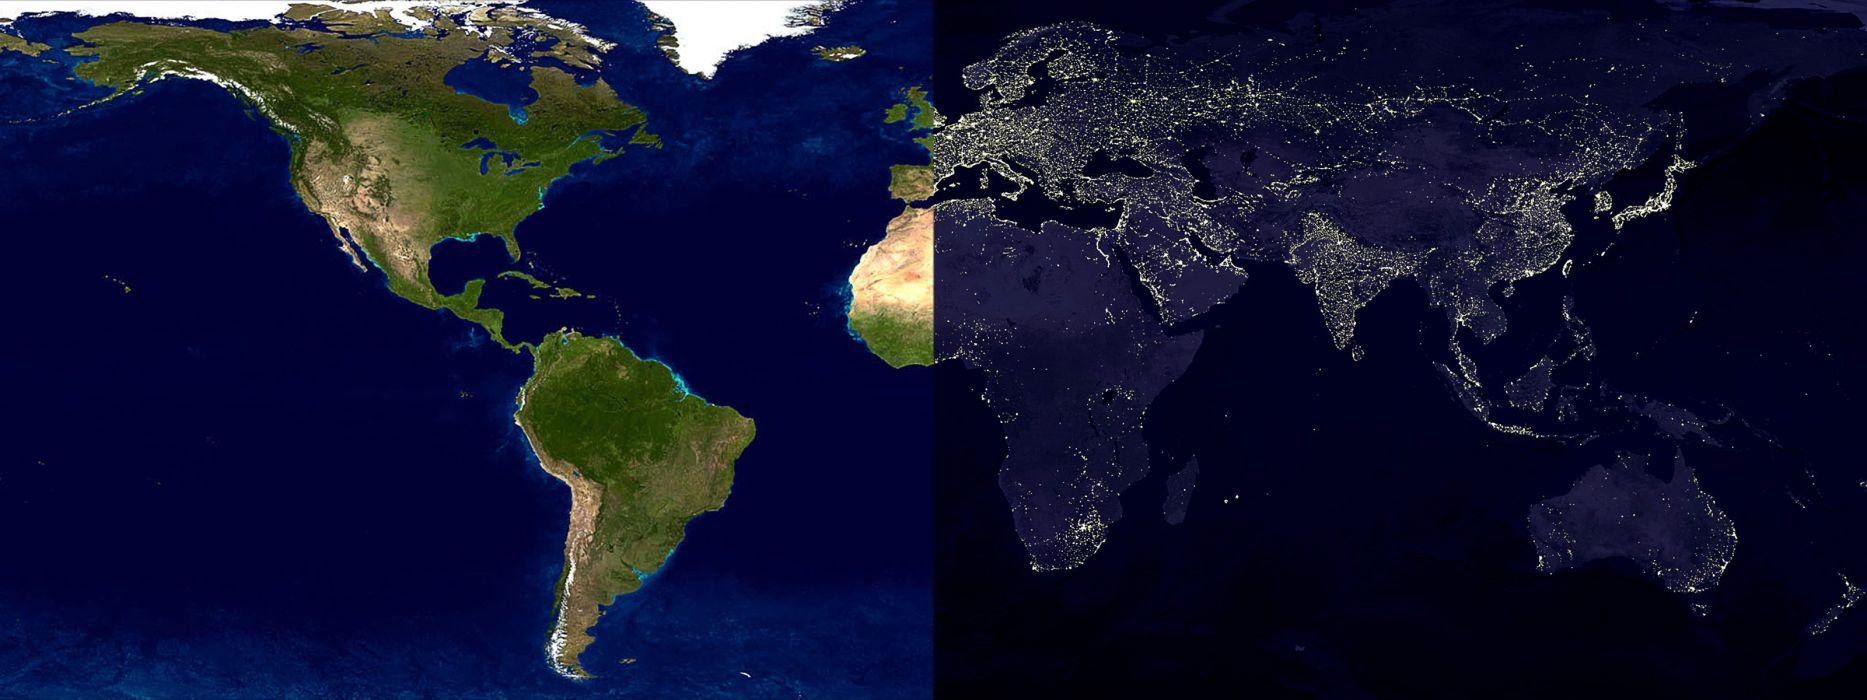 Maps daylight world map nighttime wallpaper 3200x1200 196457 maps daylight world map nighttime wallpaper gumiabroncs Choice Image